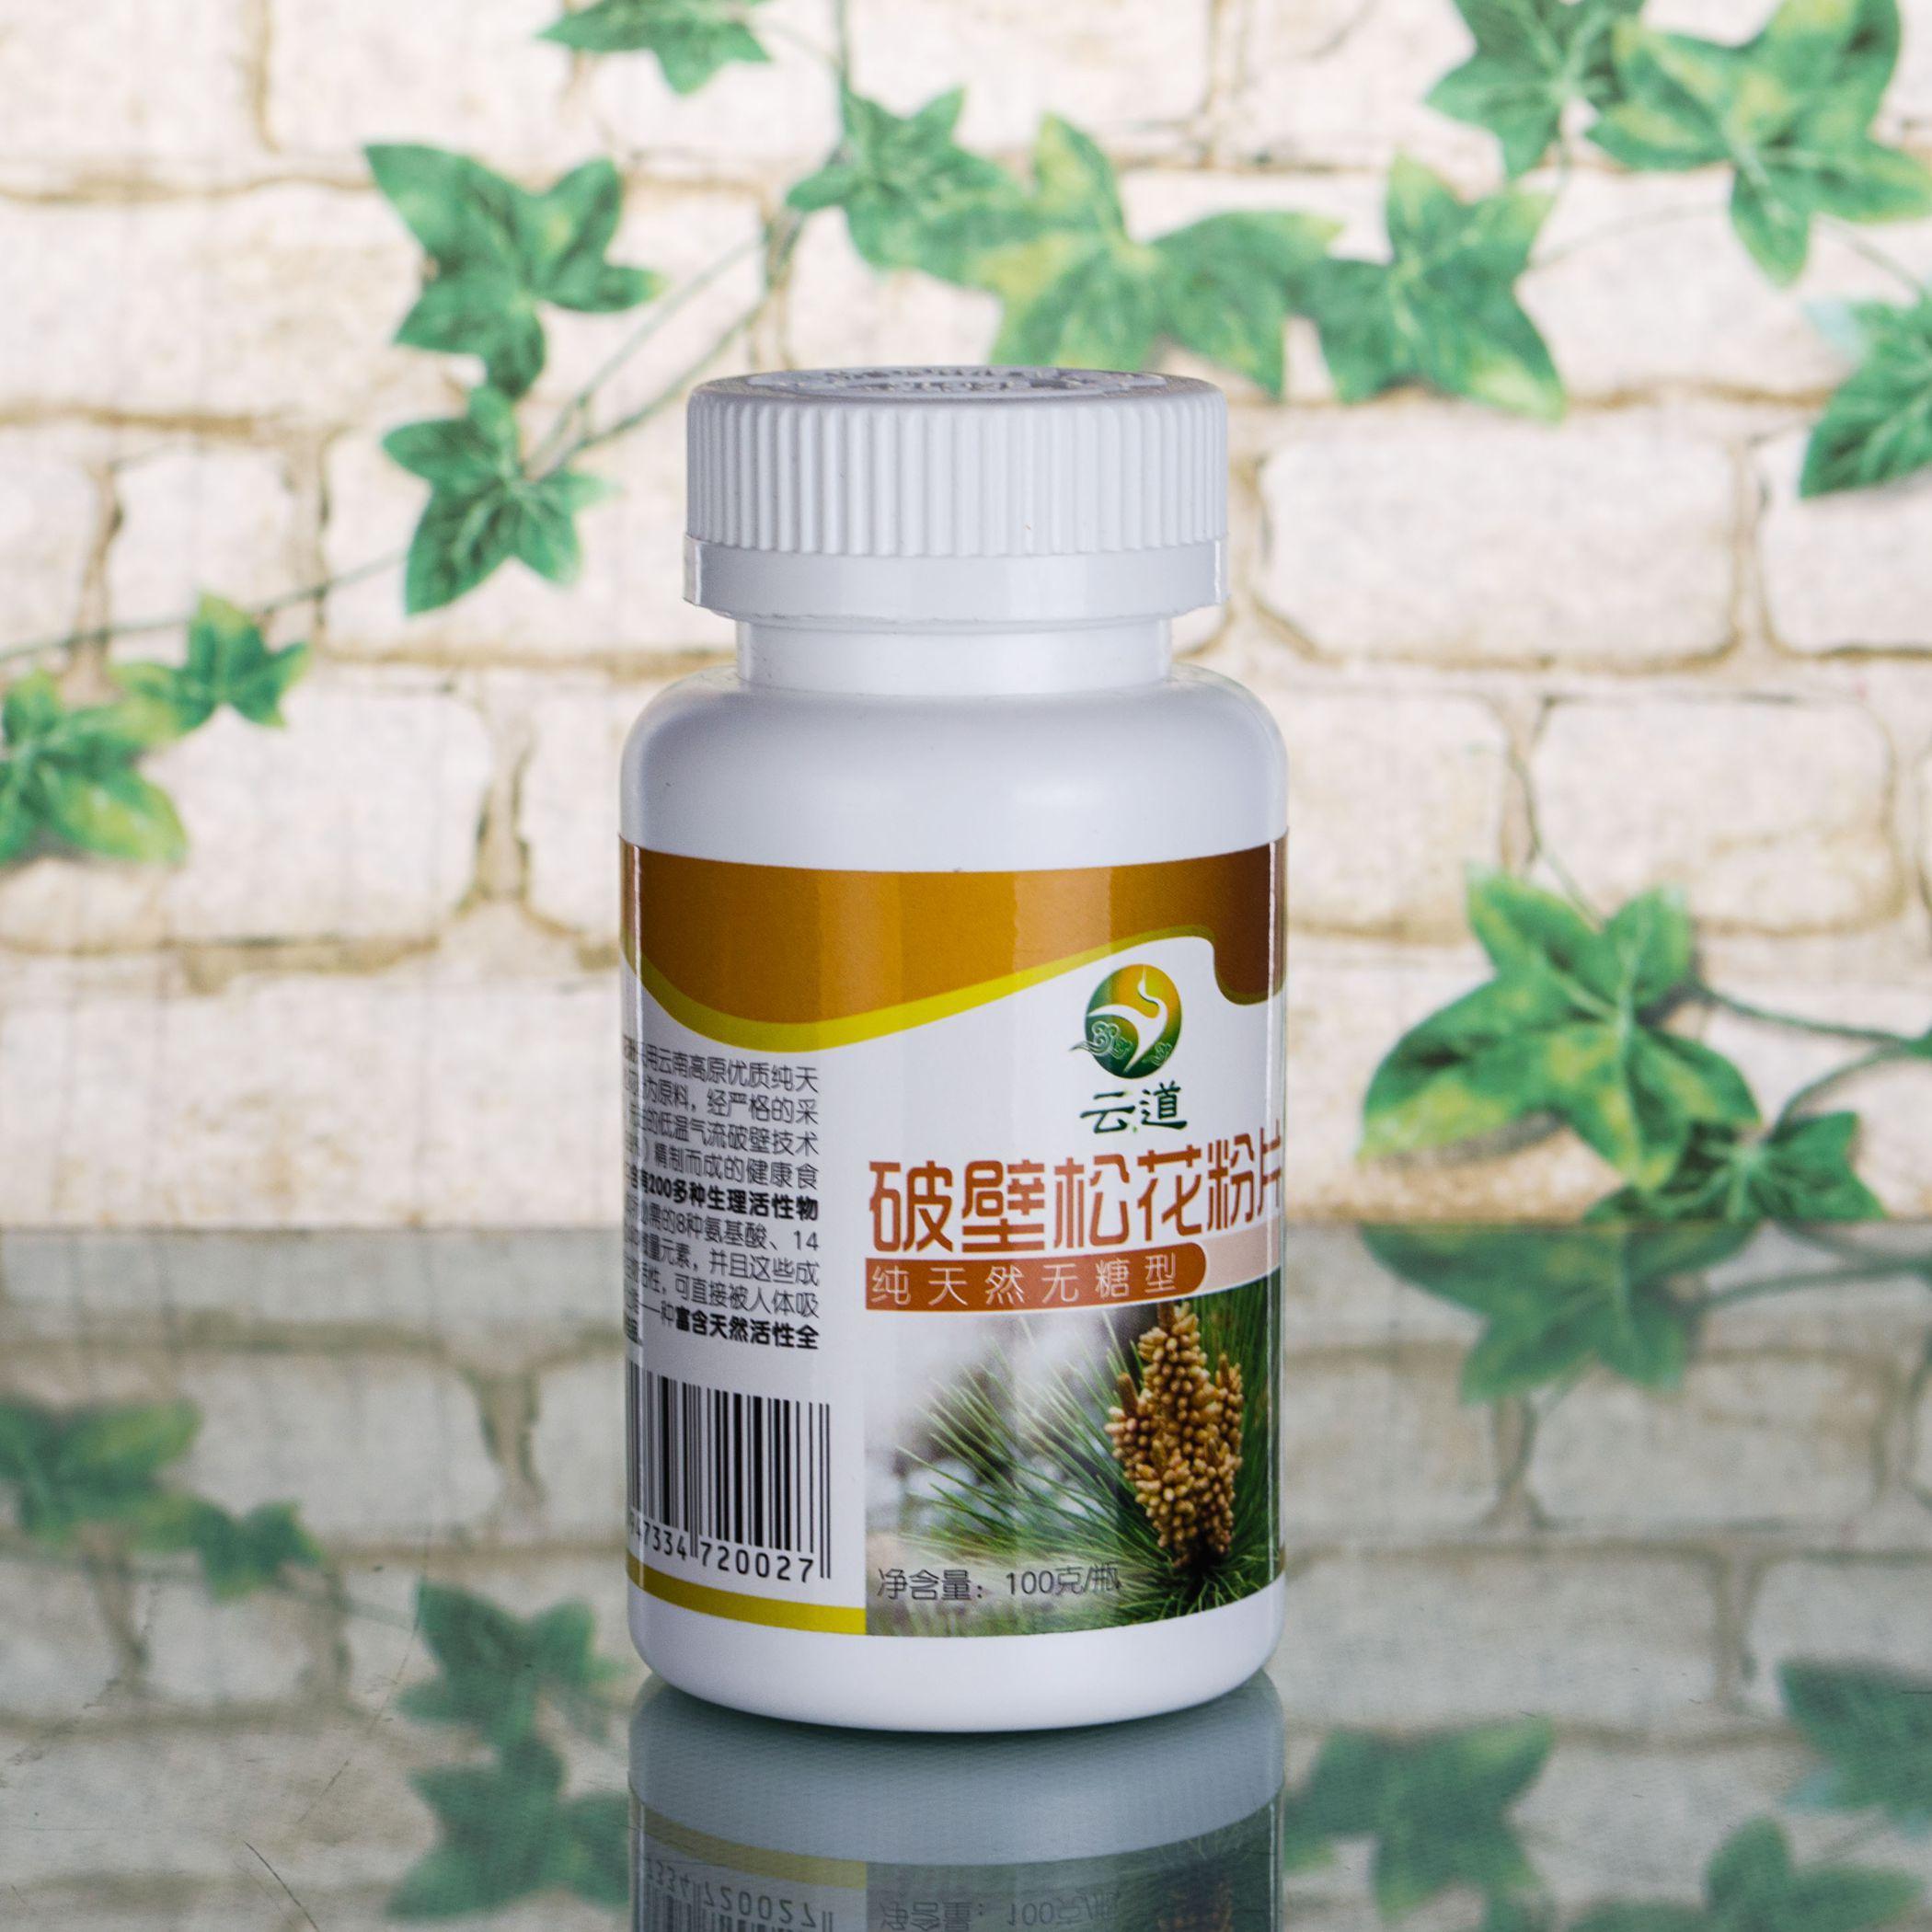 3,52 unze/100g Shell-gebrochen Pine Pollen Tablet-99% Cracked Zellwand Kräuter Extrakt